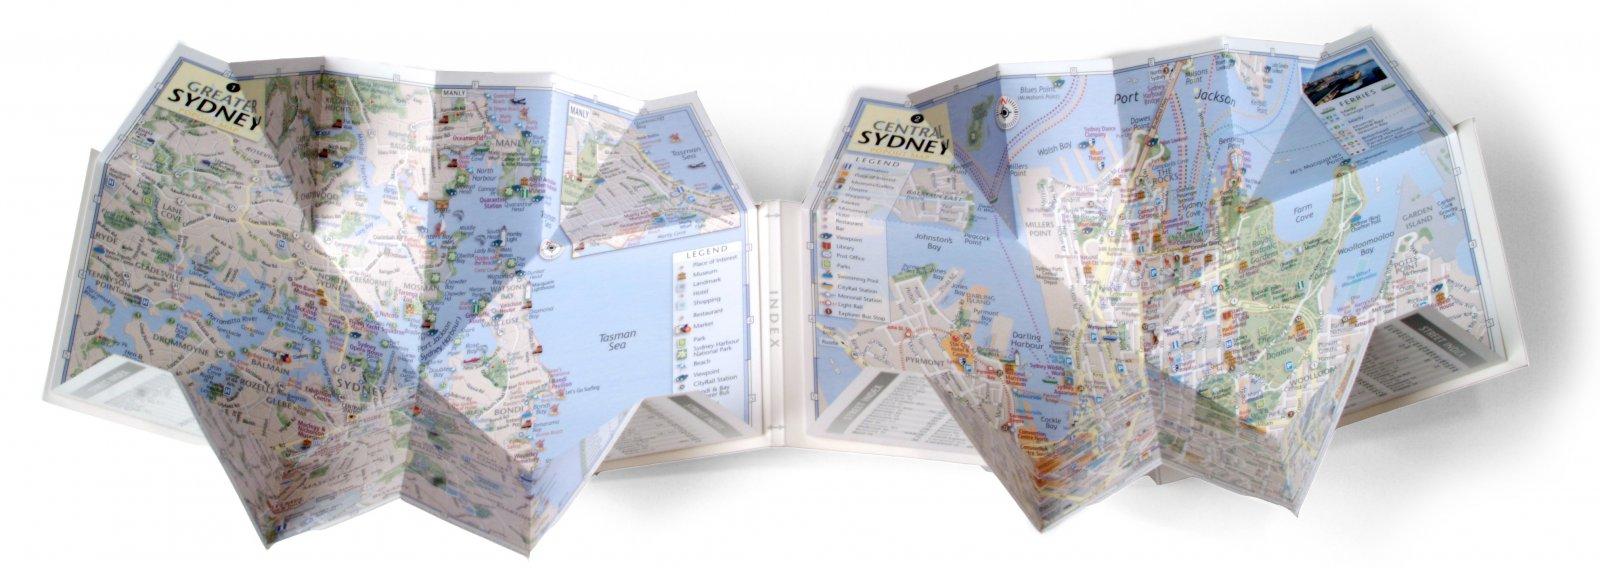 PopOut City Maps - Popout Products